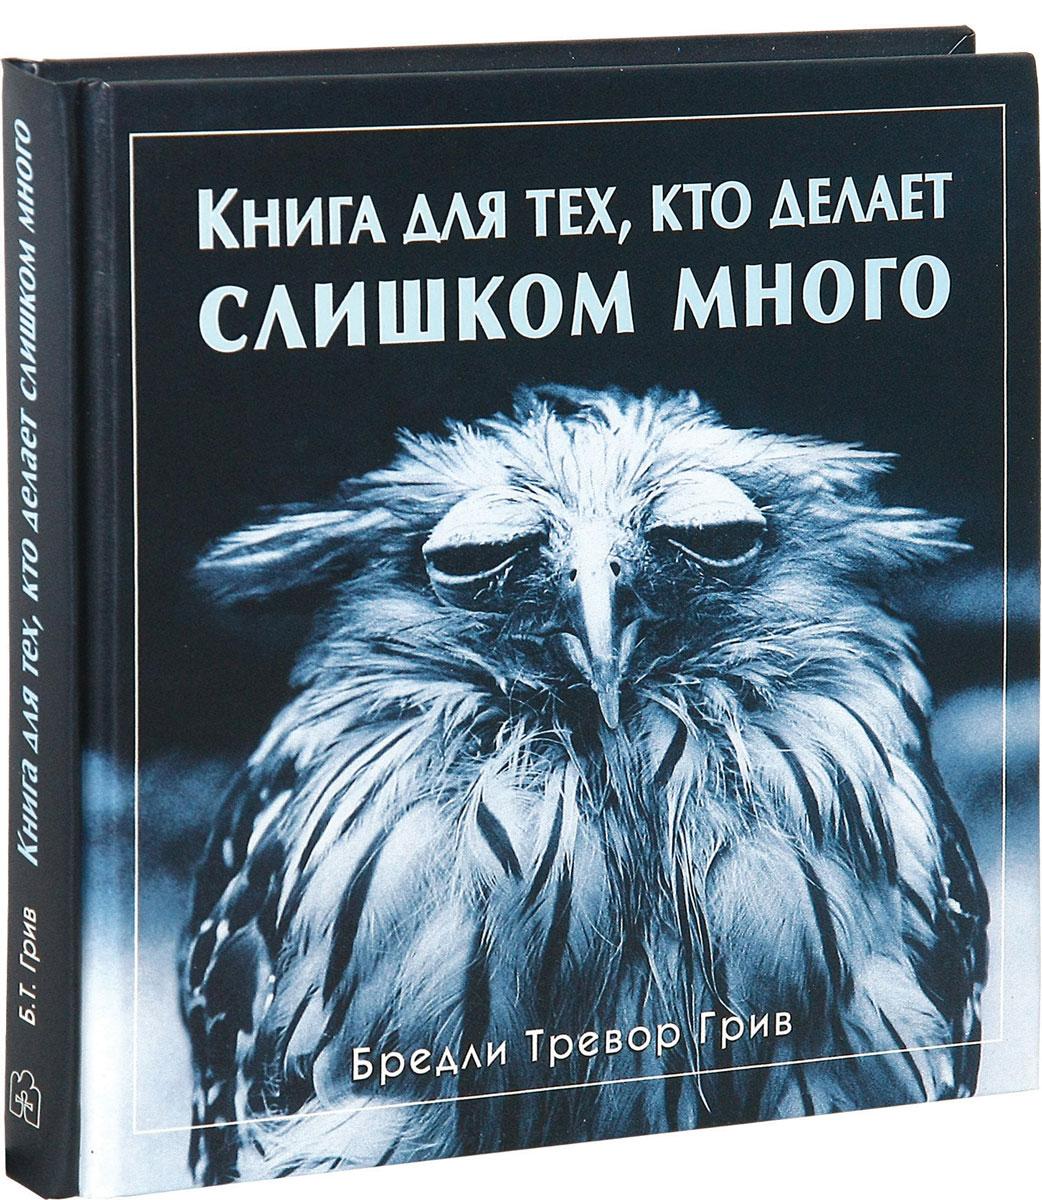 Книга для тех, кто делает слишком много